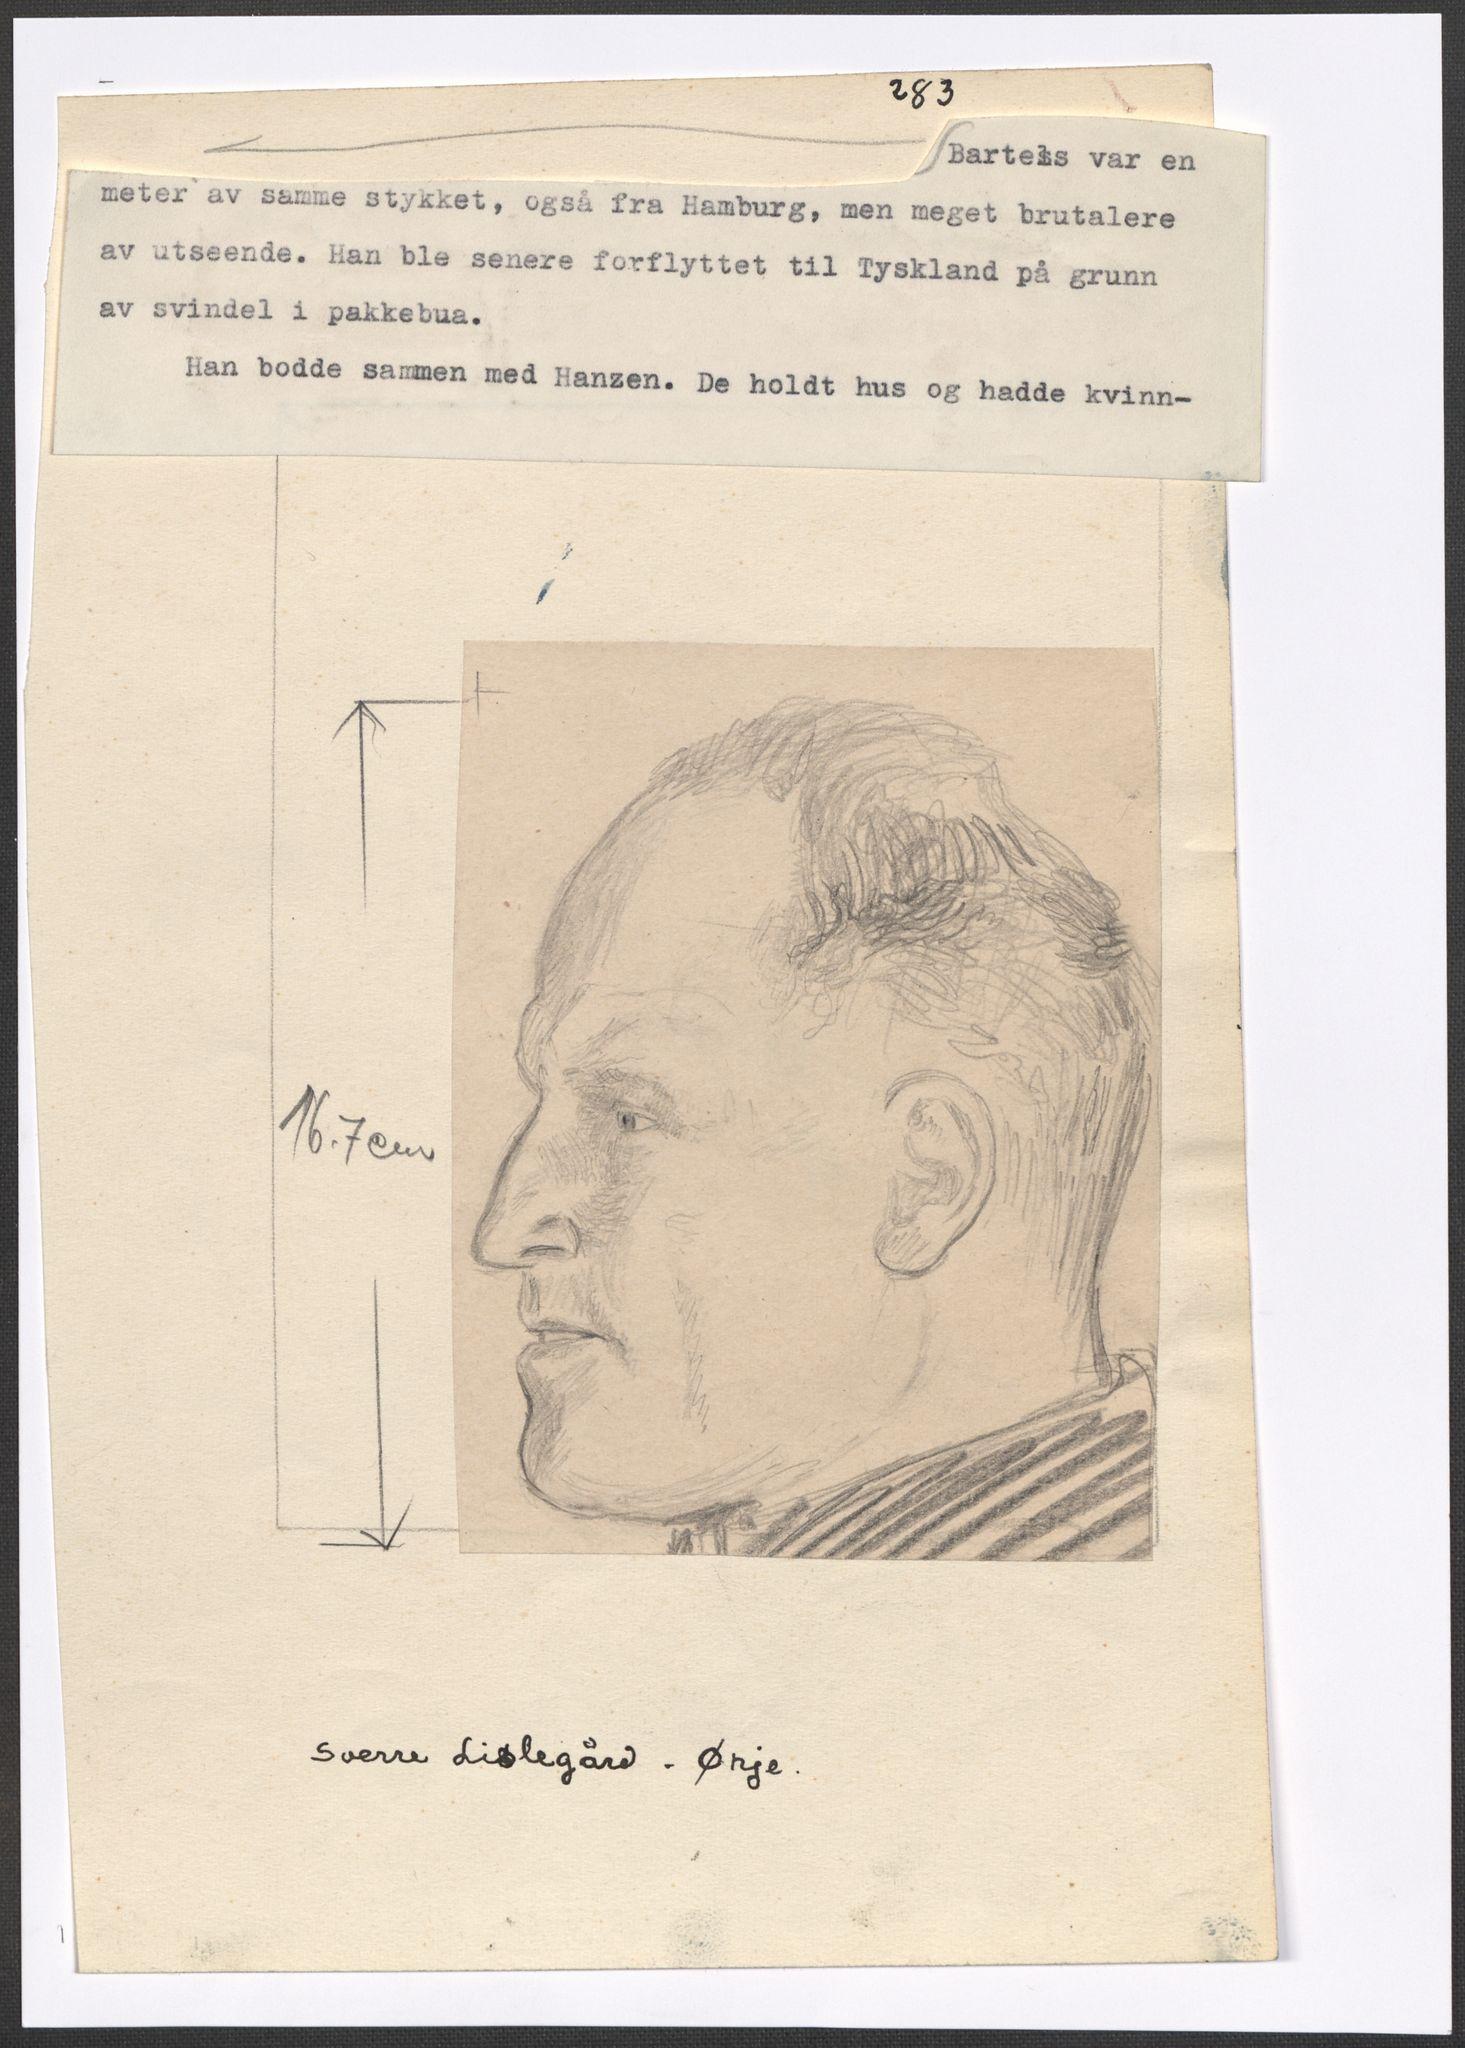 RA, Grøgaard, Joachim, F/L0002: Tegninger og tekster, 1942-1945, p. 39